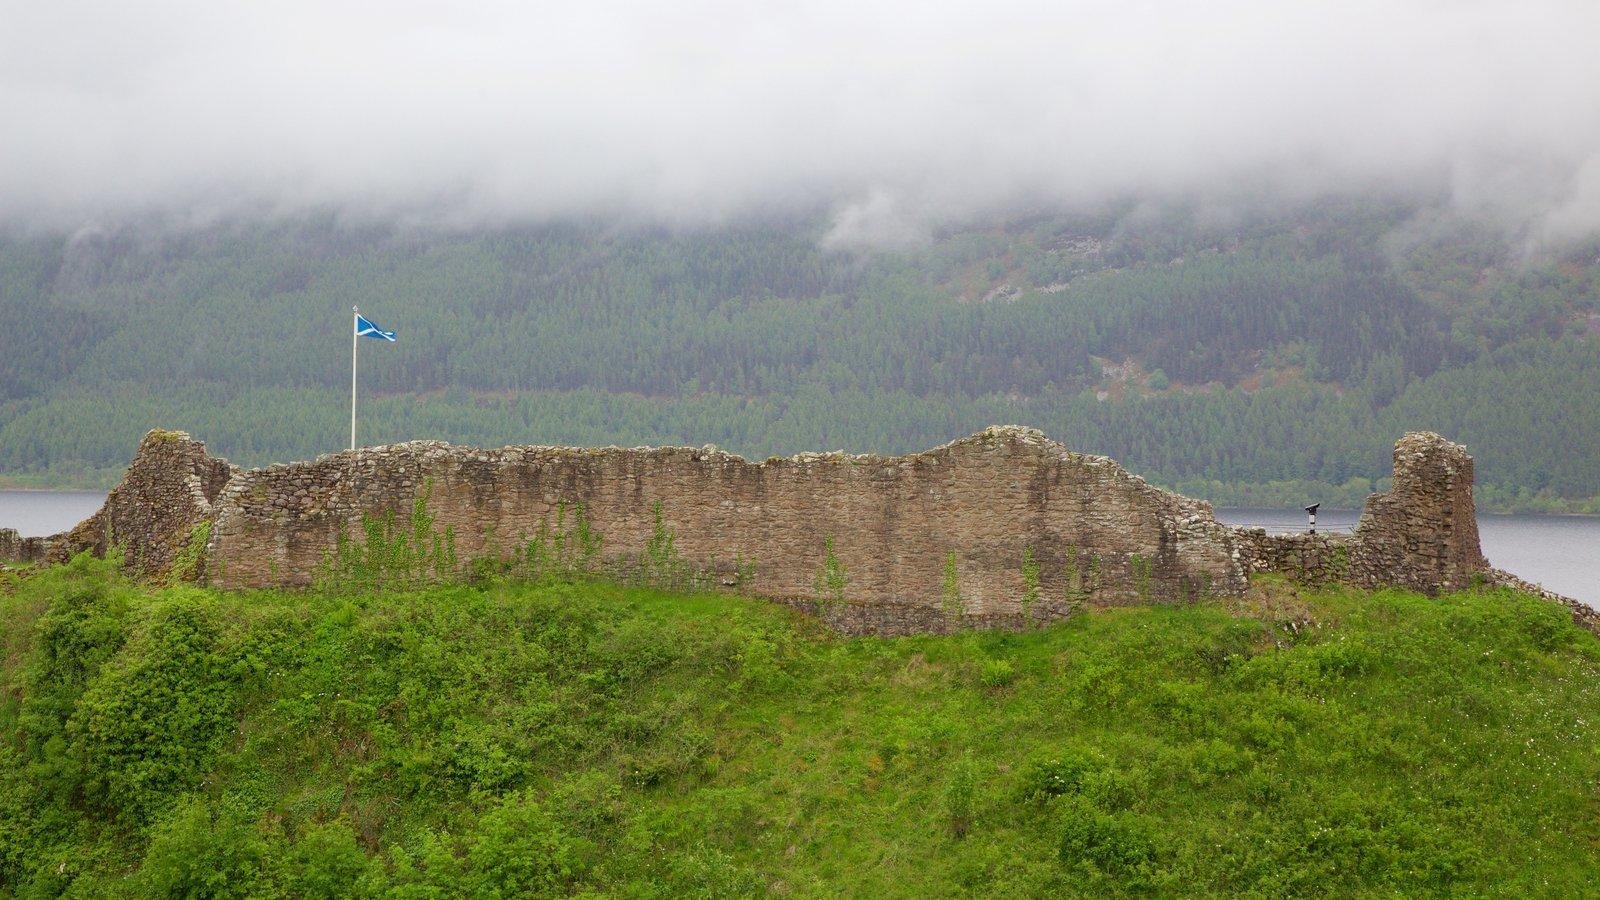 Castillo de Urquhart mostrando ruinas de edificios y elementos del patrimonio